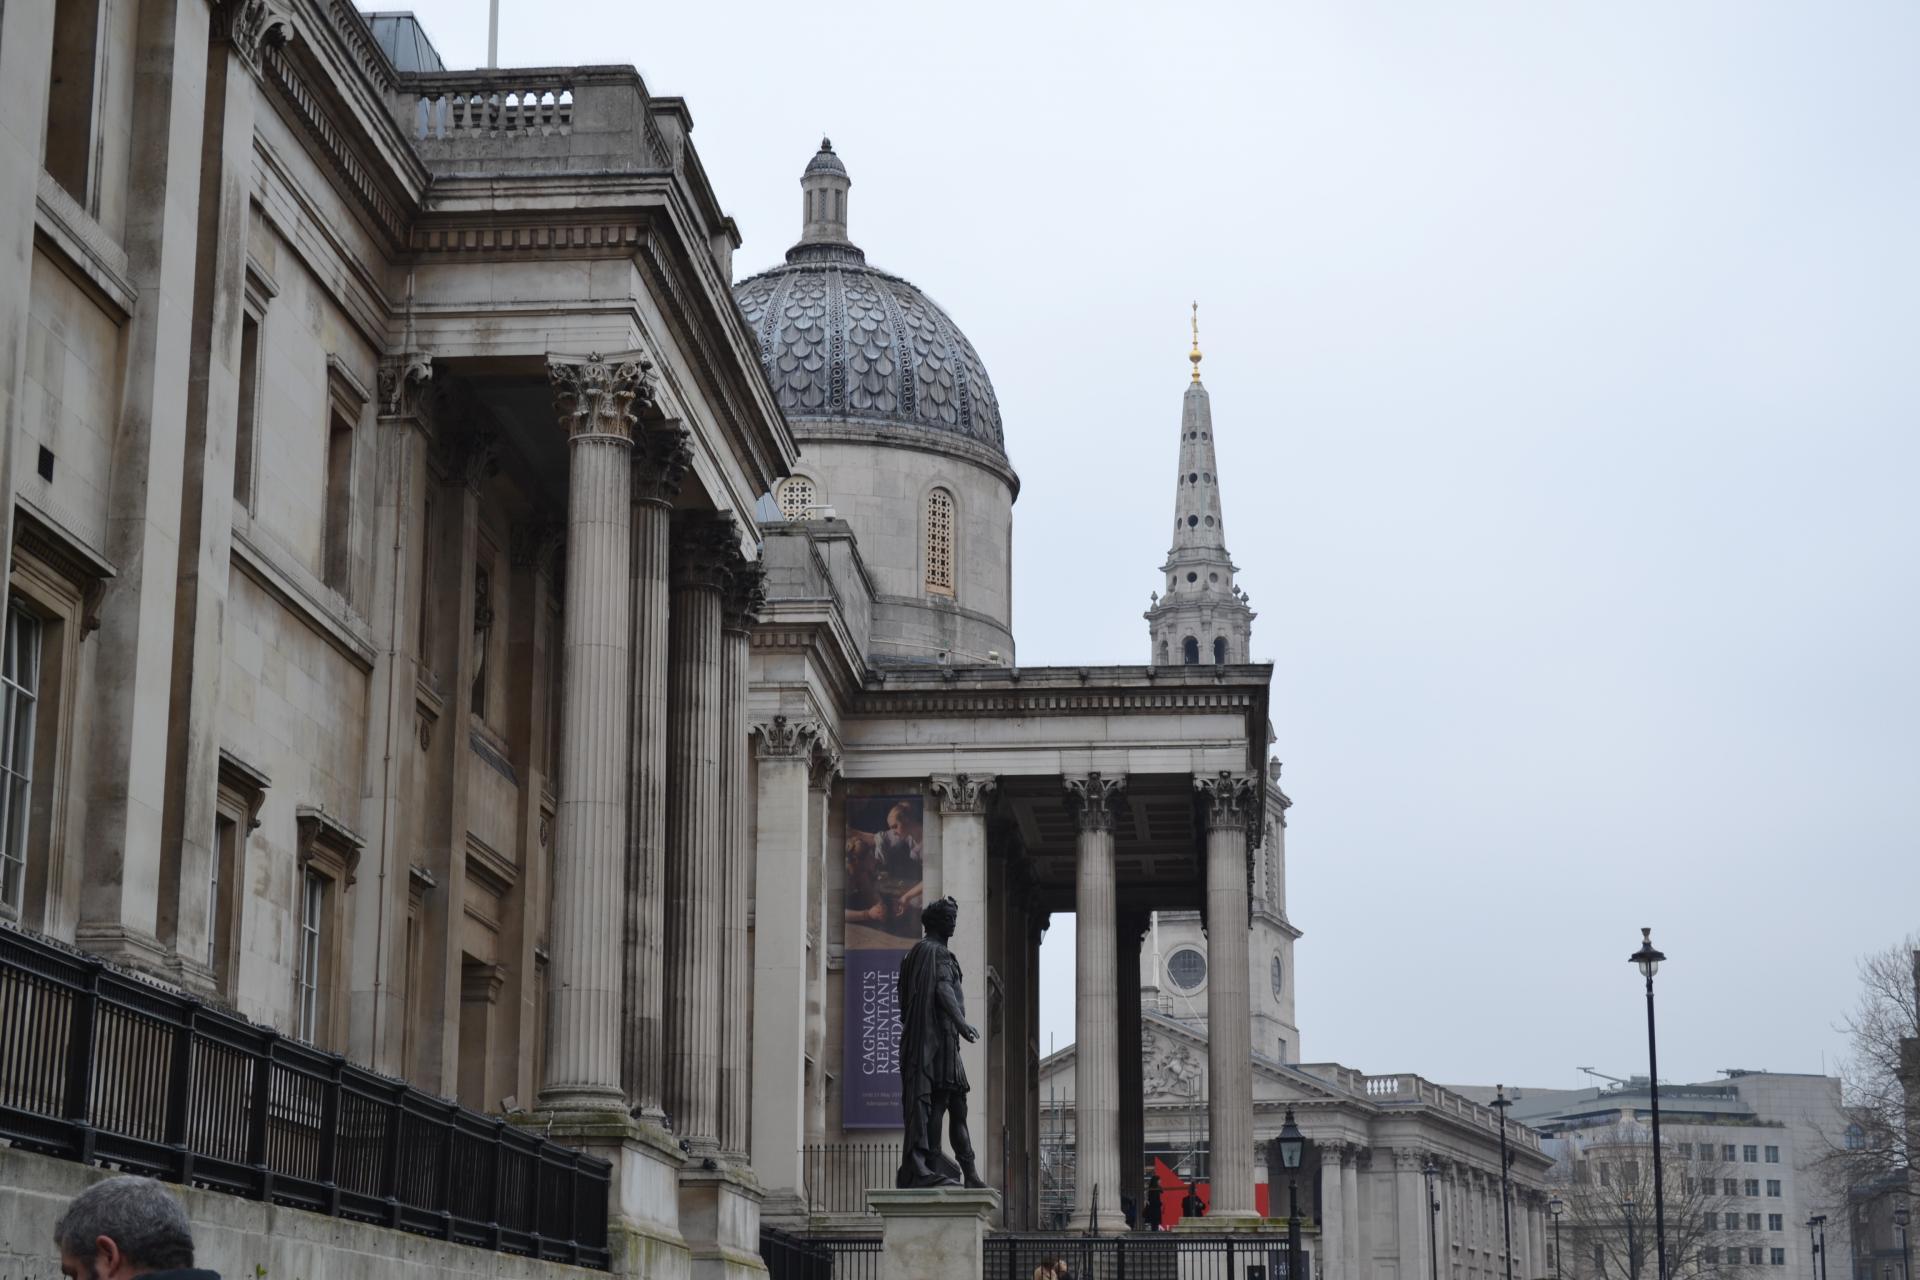 La national Gallery desde un lateral de Trafalgar Square